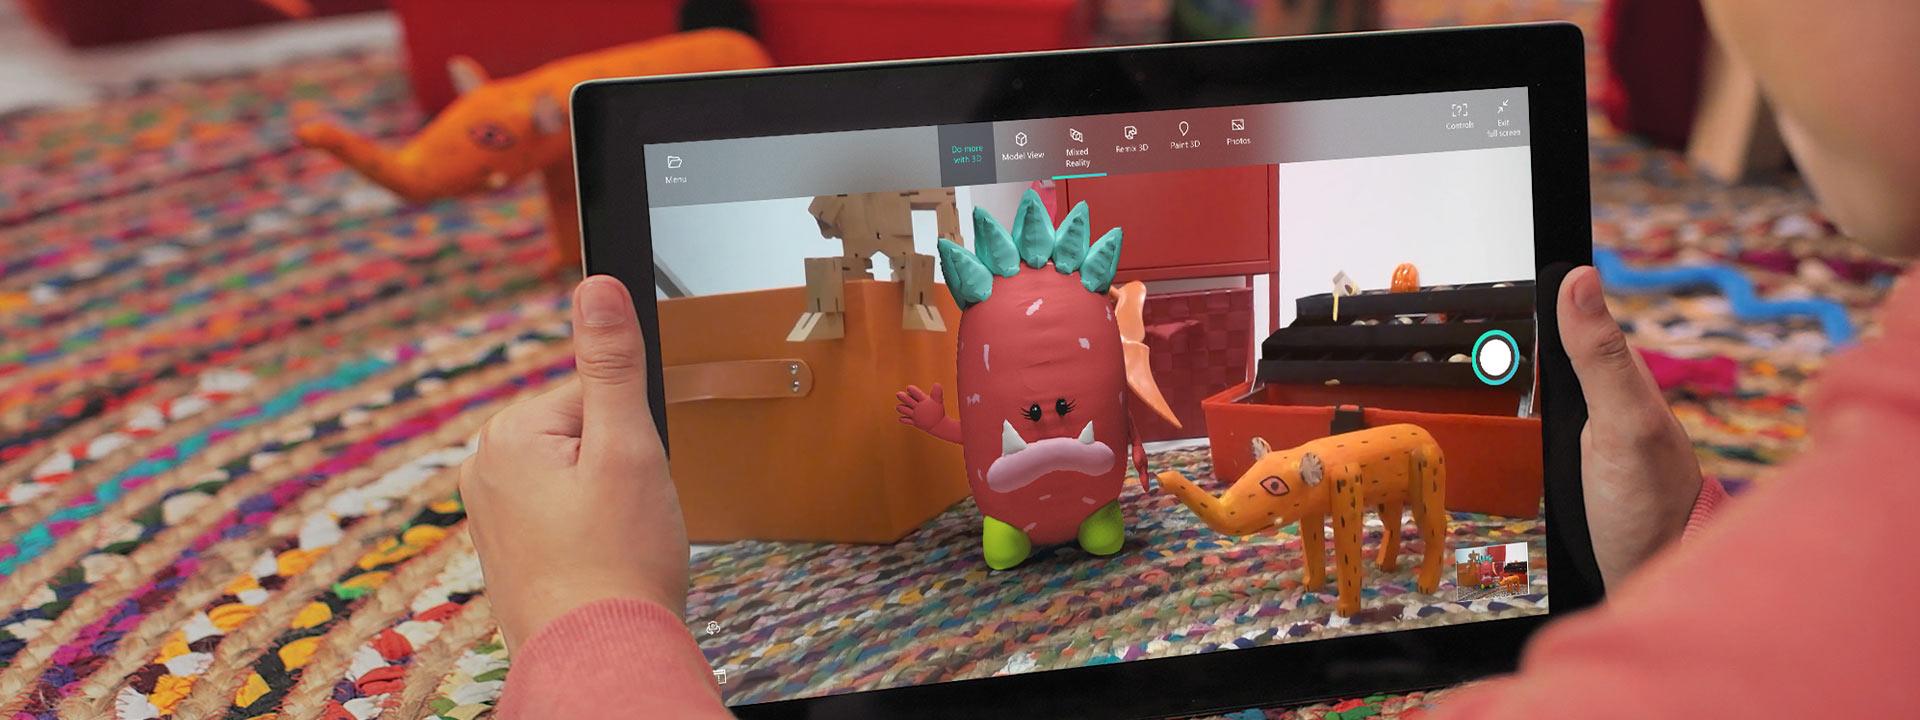 Tablette montrant une création en 3D dans Mixed Reality Viewer